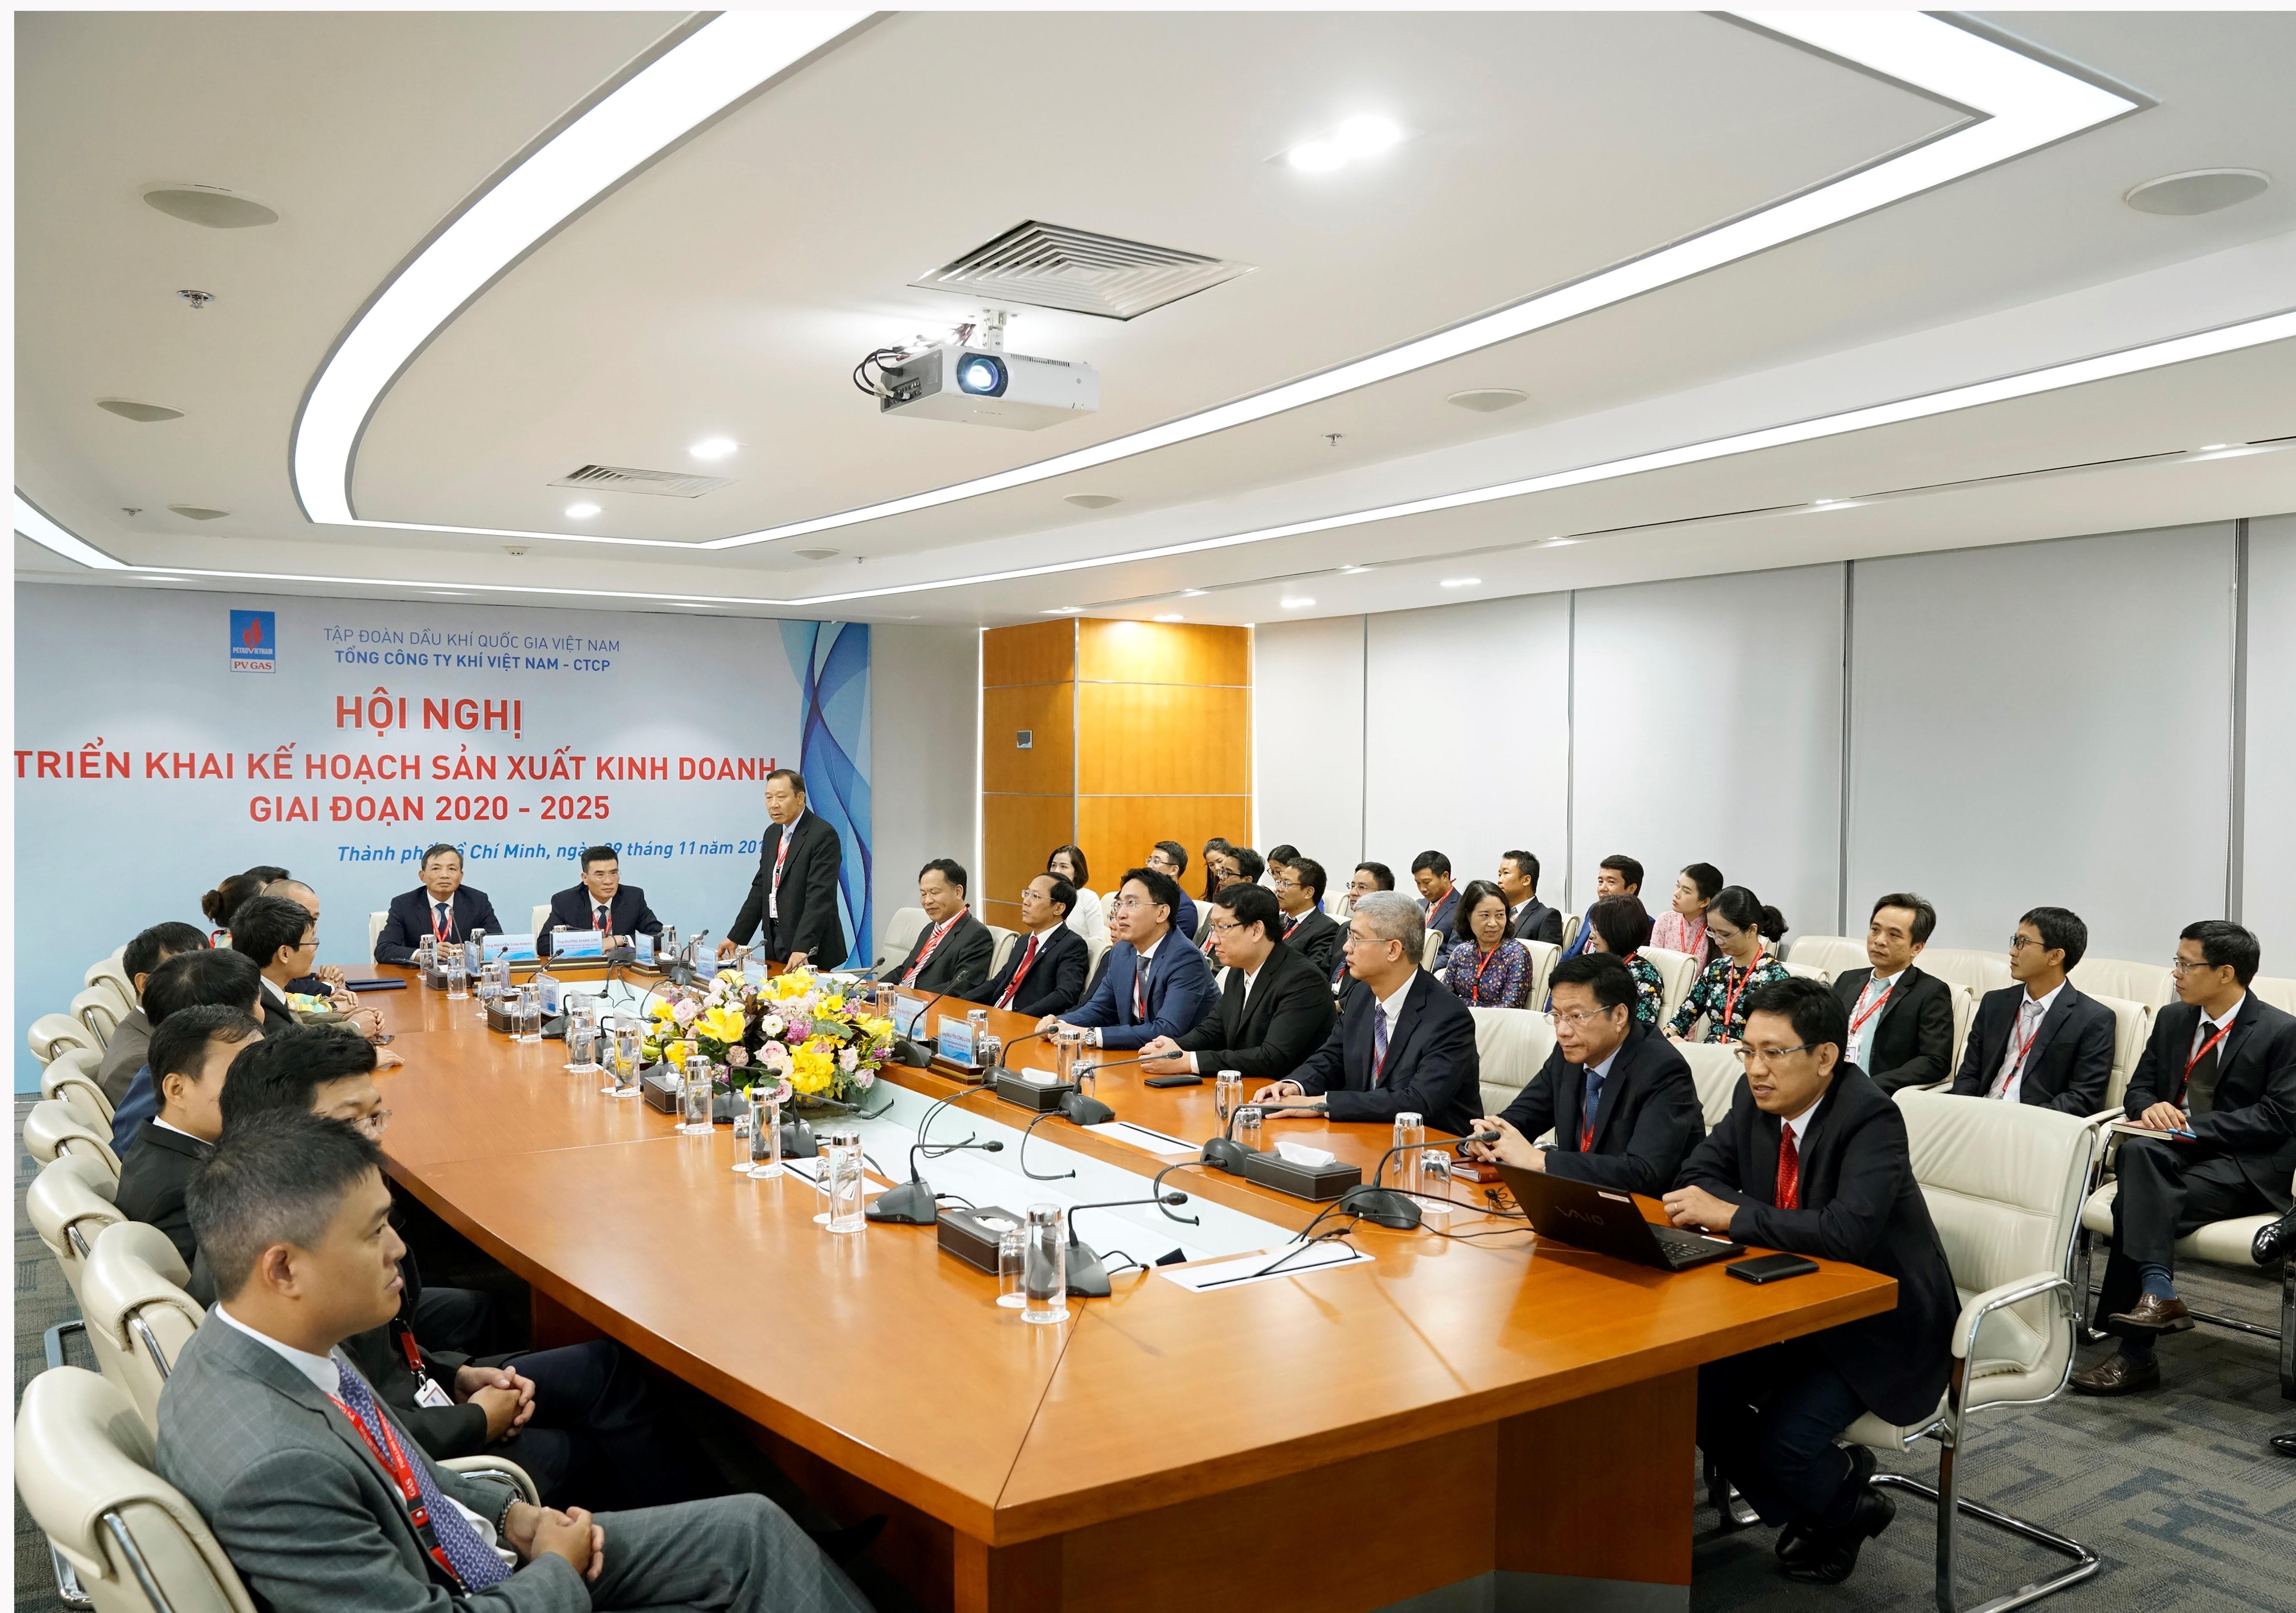 Đảng bộ PV GAS chuẩn bị kỹ lưỡng cho Đại hội đại biểu Đảng bộ PV GAS nhiệm kỳ 2020-2025